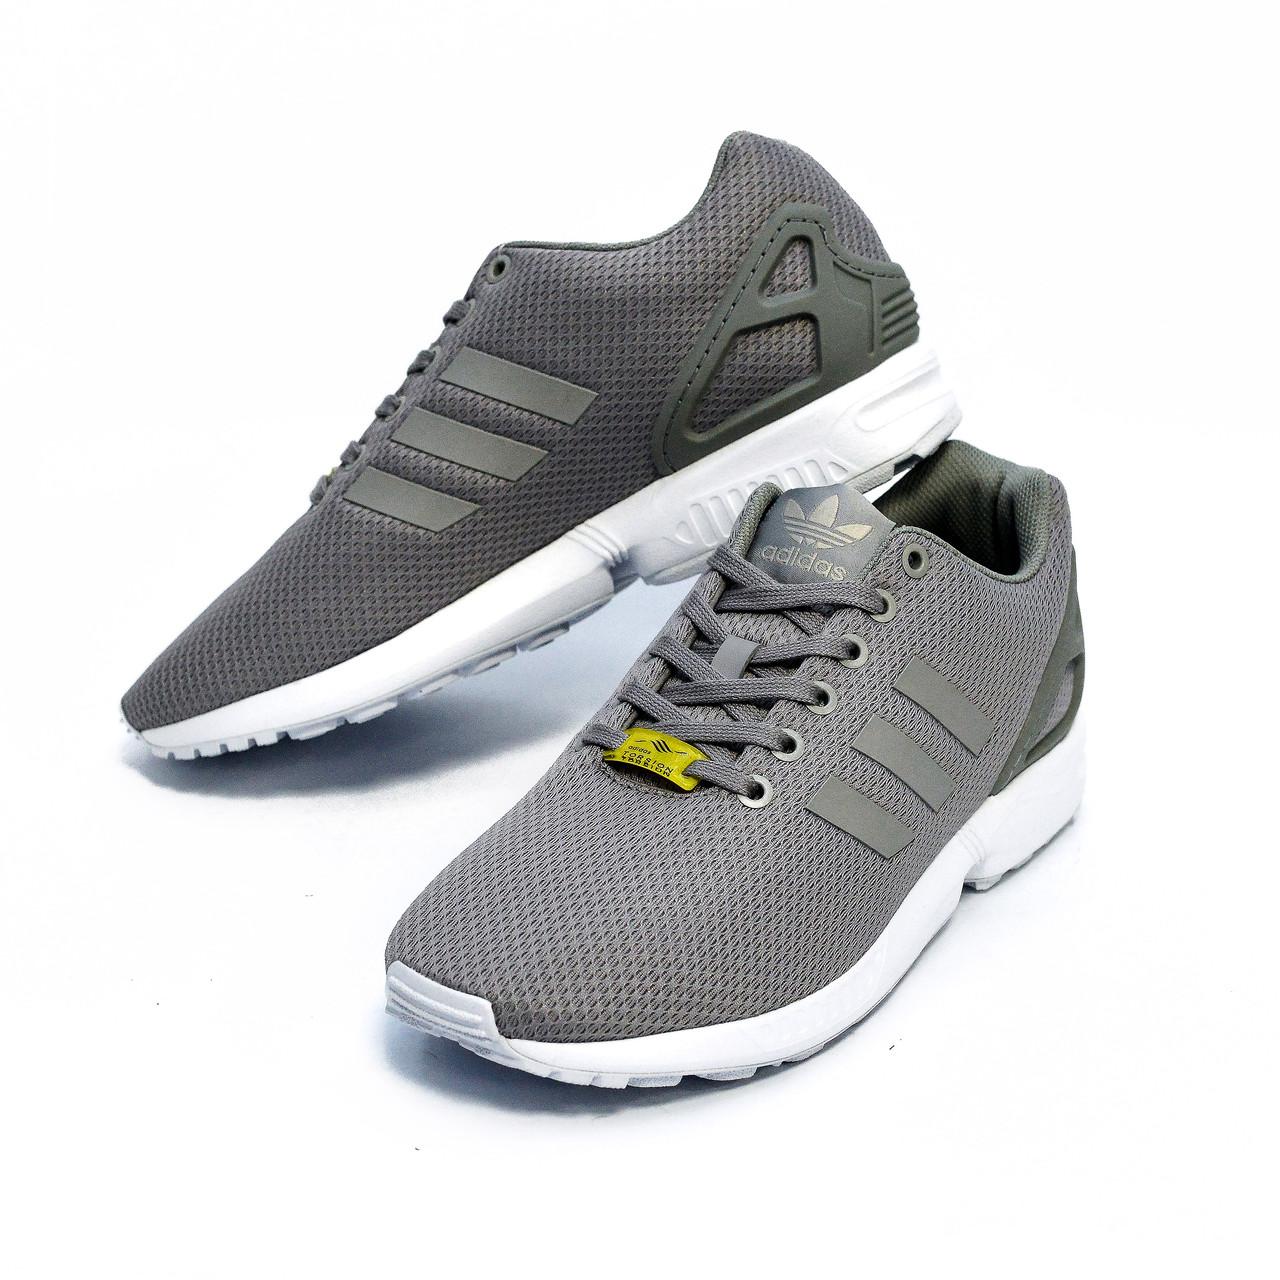 423100c3f13108 Оригинальные мужские кроссовки Adidas ZX Flux: продажа, цена в ...